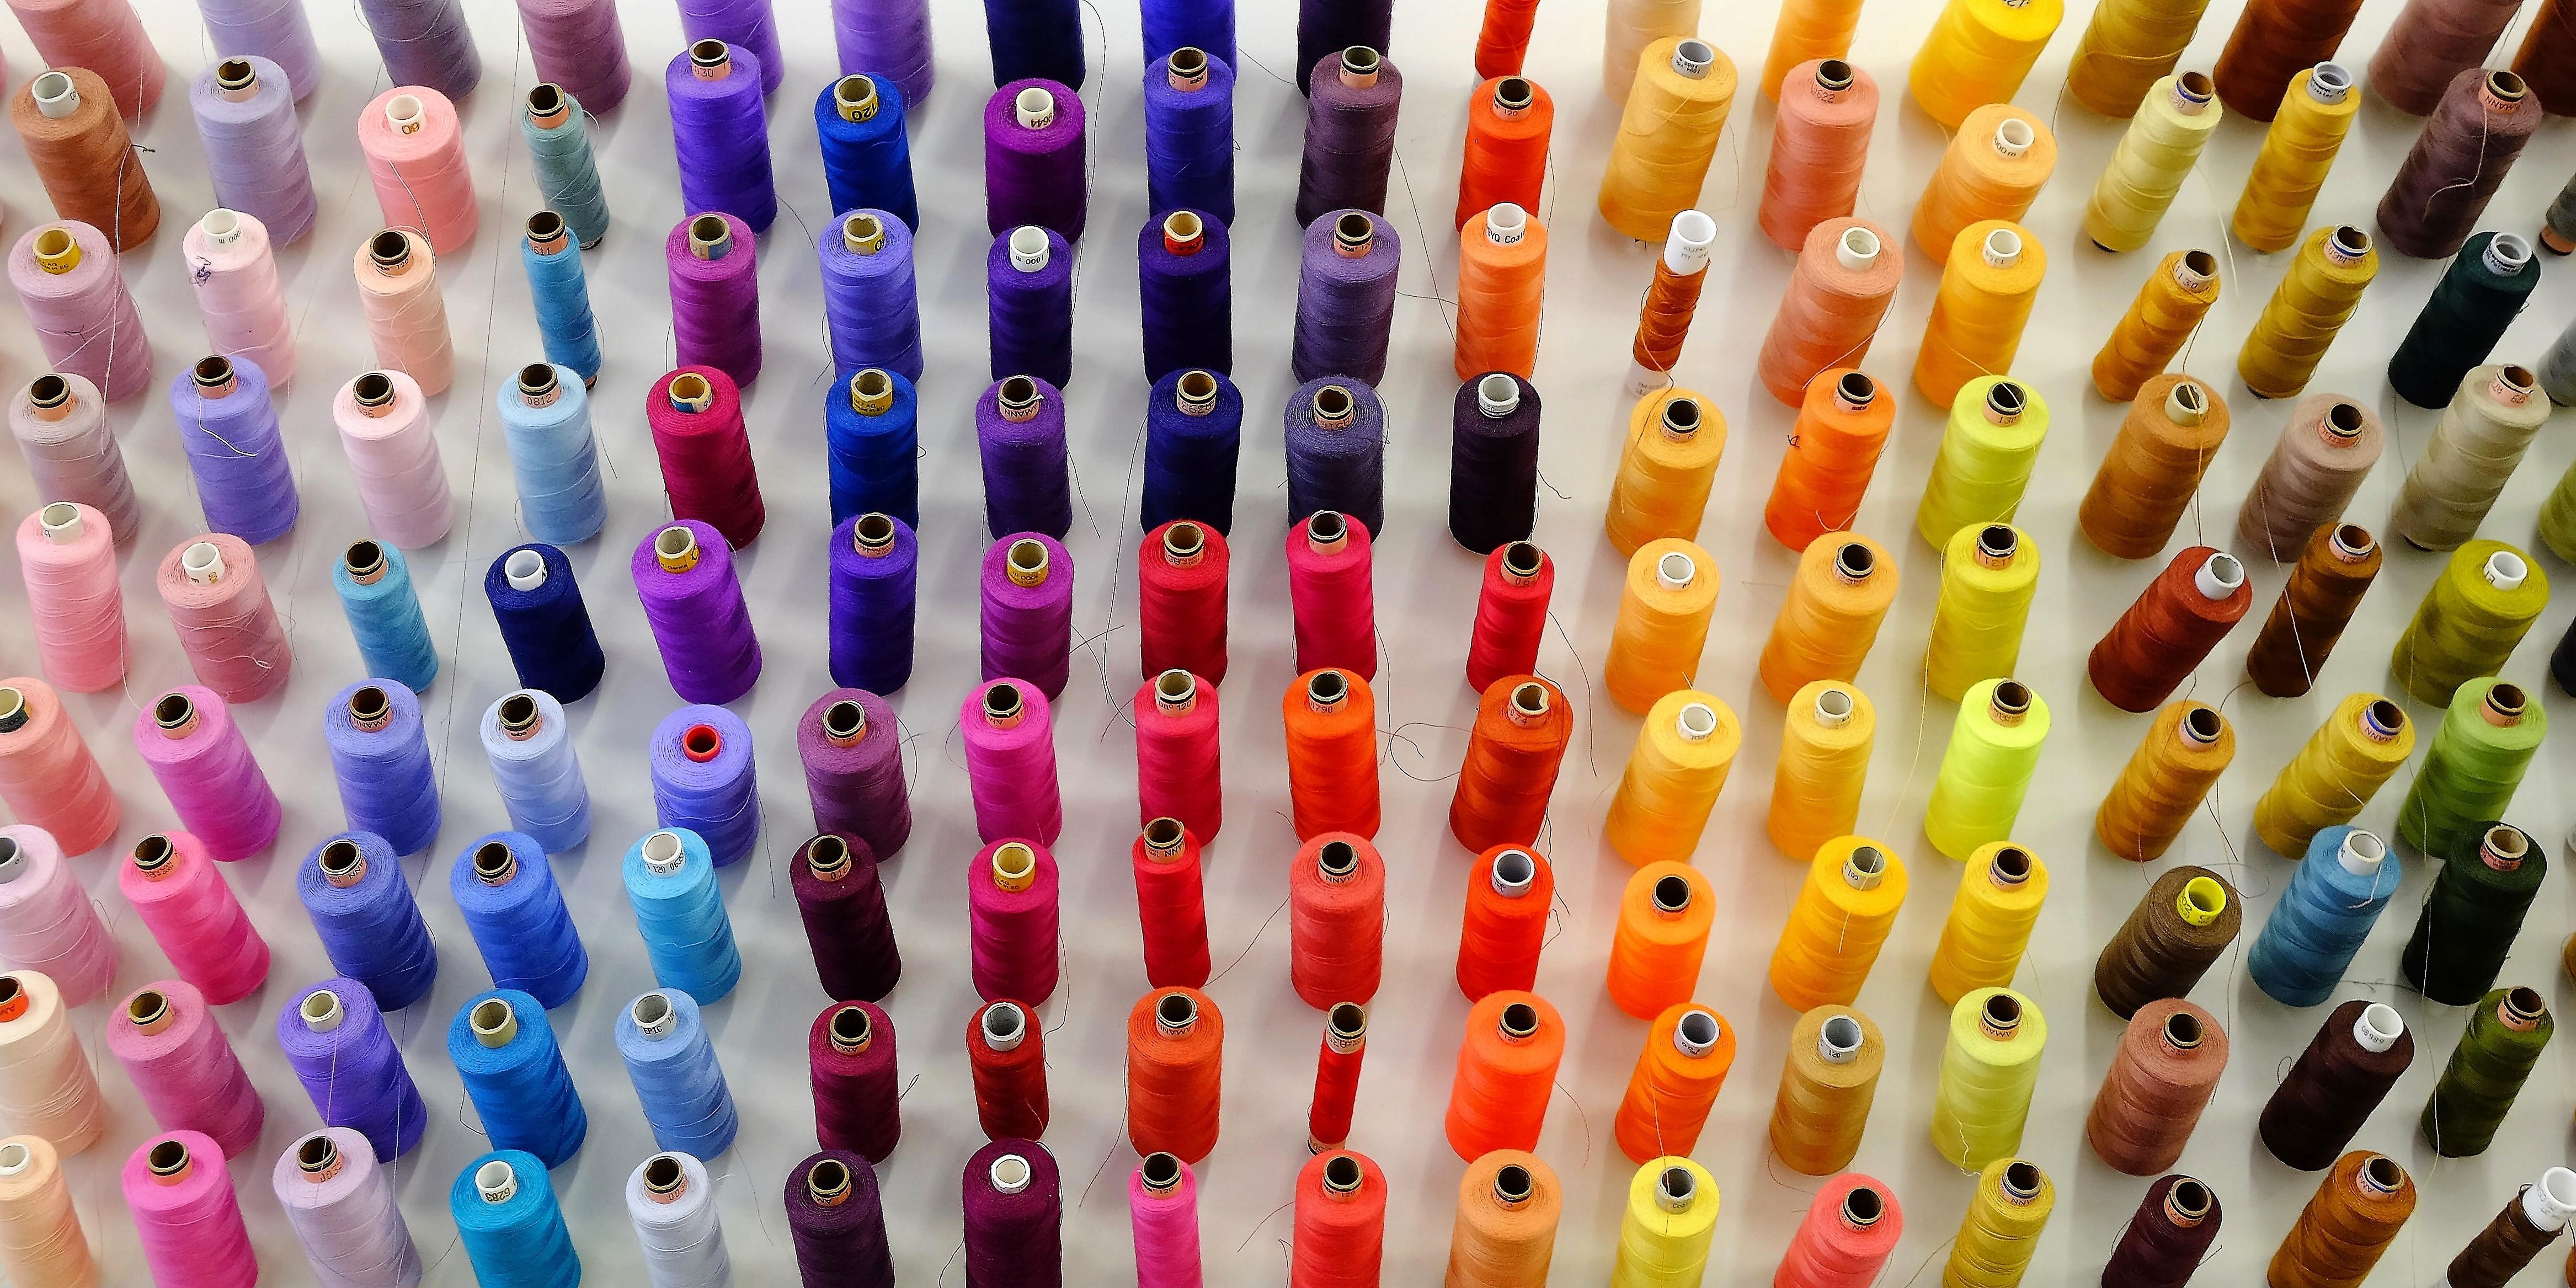 kleur in klosjes